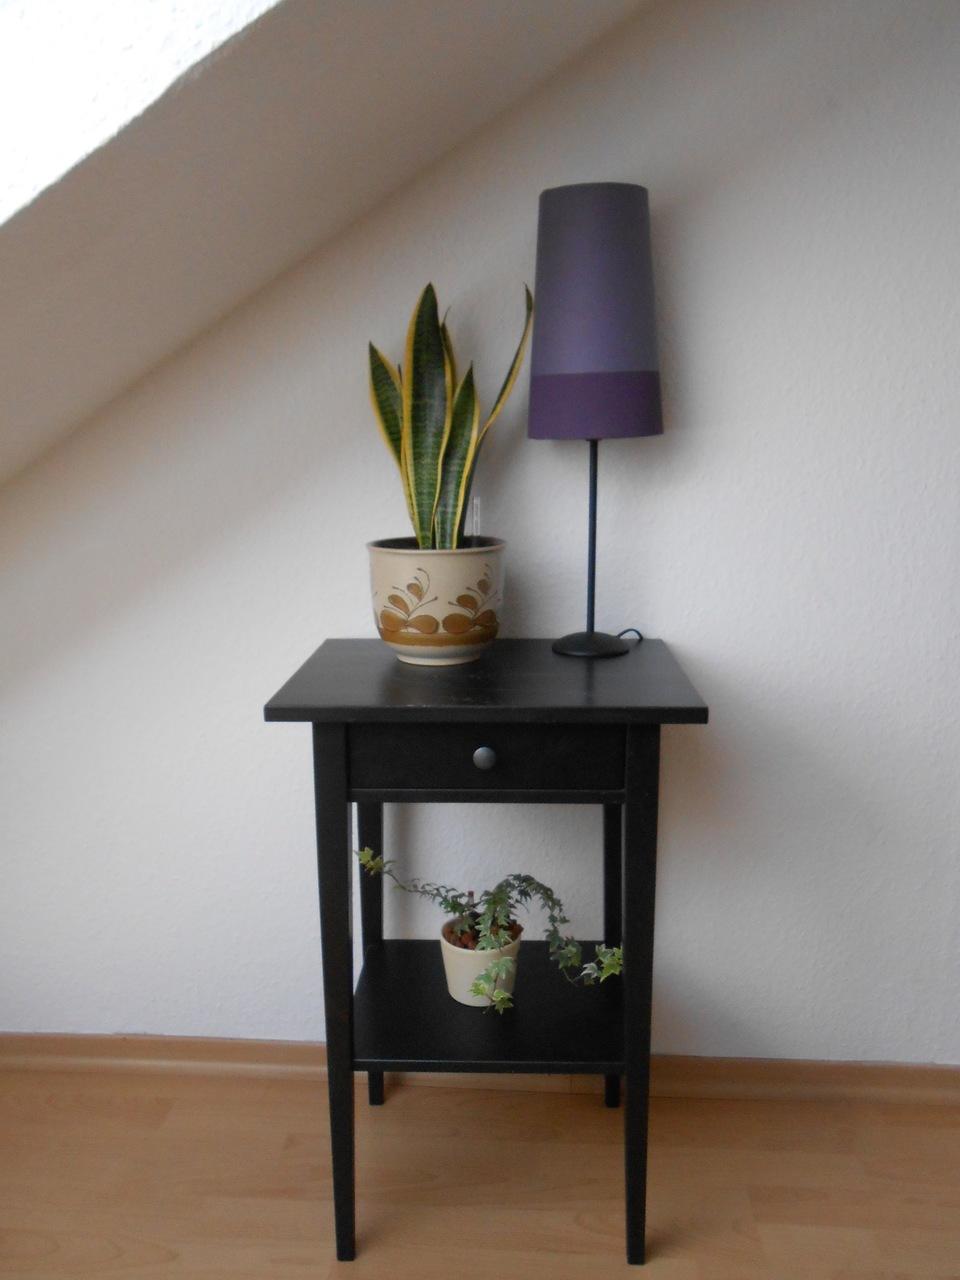 Pflanzen Im Schlafzimmer: So Hast Du Einen Gesunden Schlaf   Utopia.De